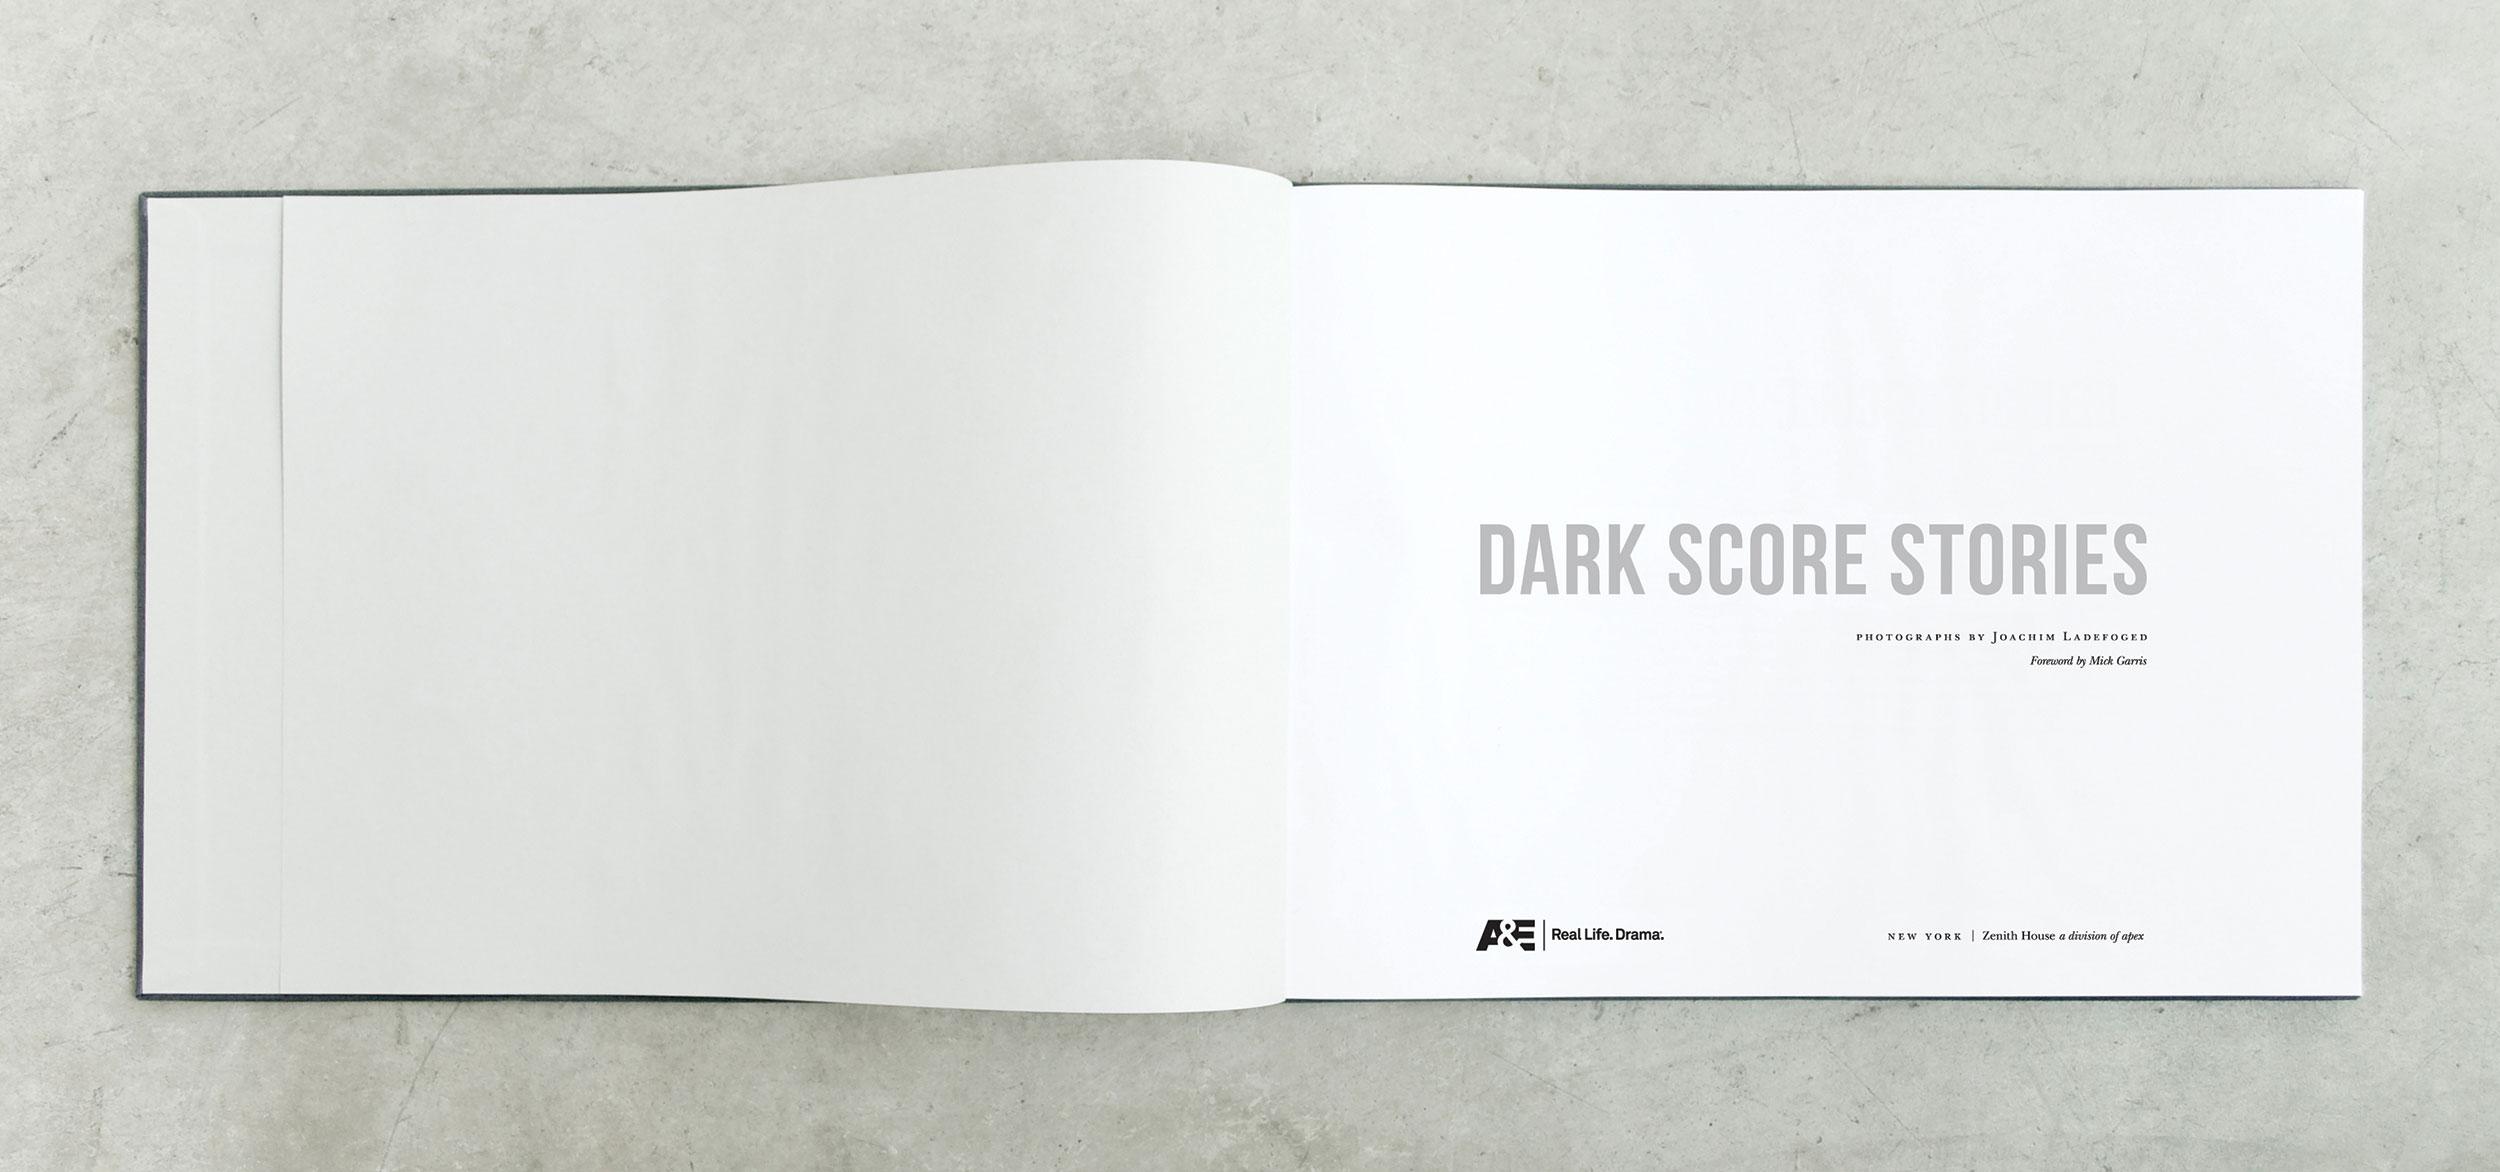 DarkScoreStories_TitlePage.jpg